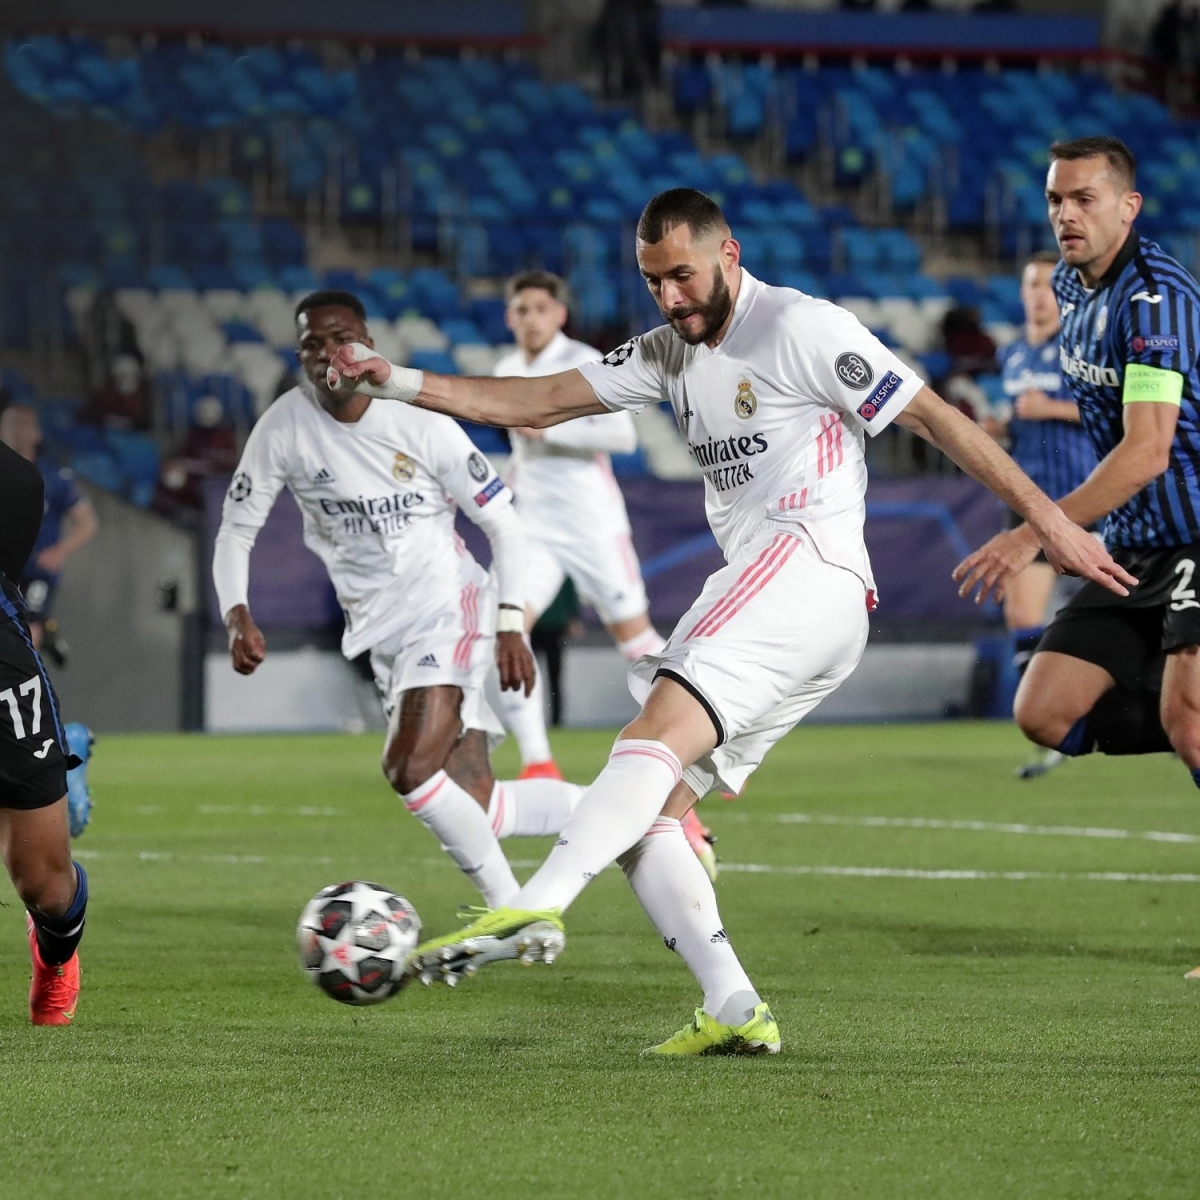 2. Real Madrid (TÂY BAN NHA) | Xếp hạng châu Âu: 4 | Thành tích tốt nhất: Vô địch x13 (1956, 1957, 1958, 1959, 1960, 1966, 1998, 2000, 2002, 2014, 2016, 2017, 2018) | Thành tích ở mùa giải trước: Vòng 16 đội (thua Manchester City)